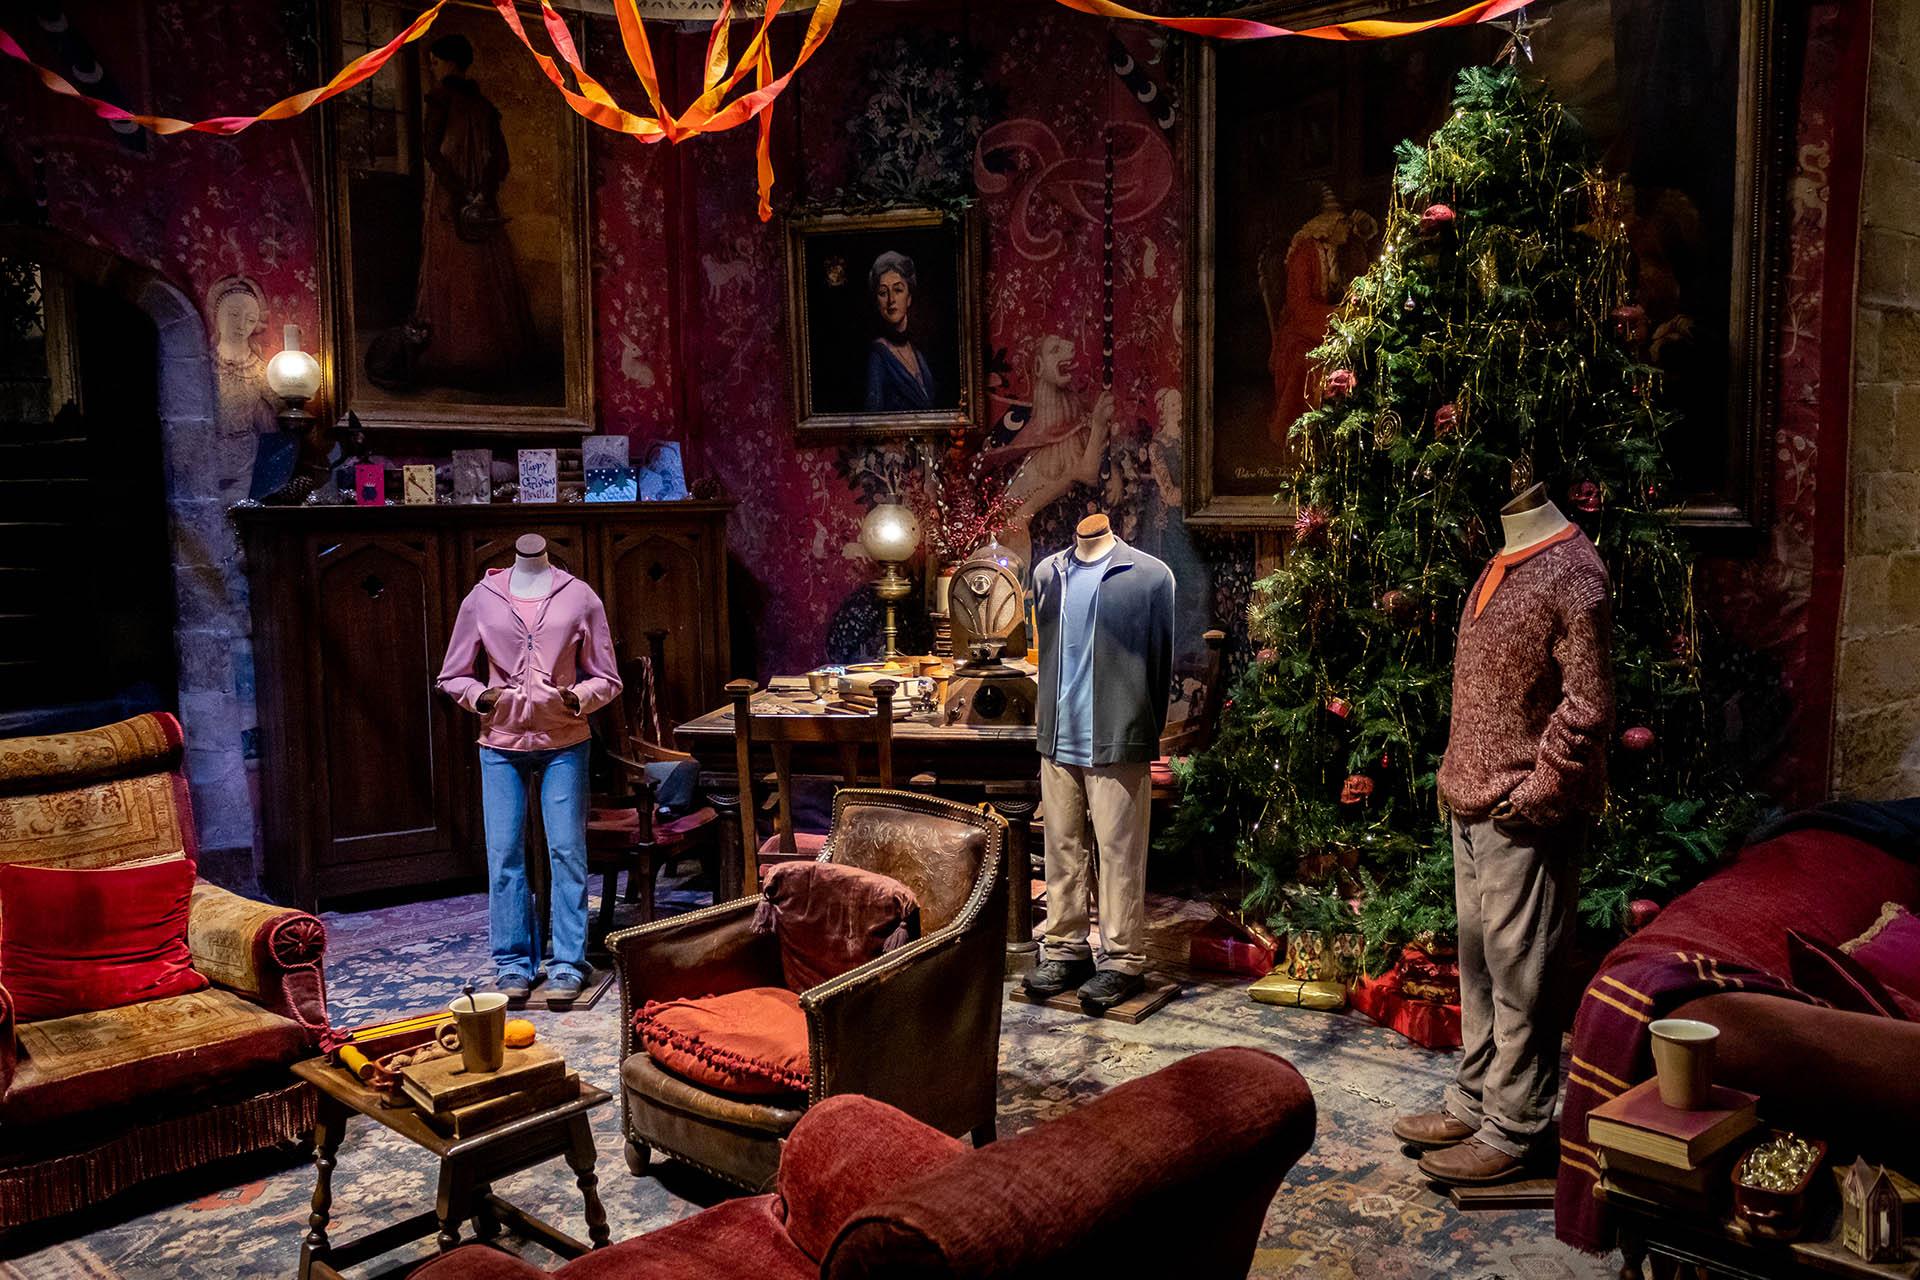 De leerlingenkamer van Gryffindor in kerstsfeer met een kerstboom en poppen met de kleding van Harry Potter, Ron en Hermione in de Studio Tour